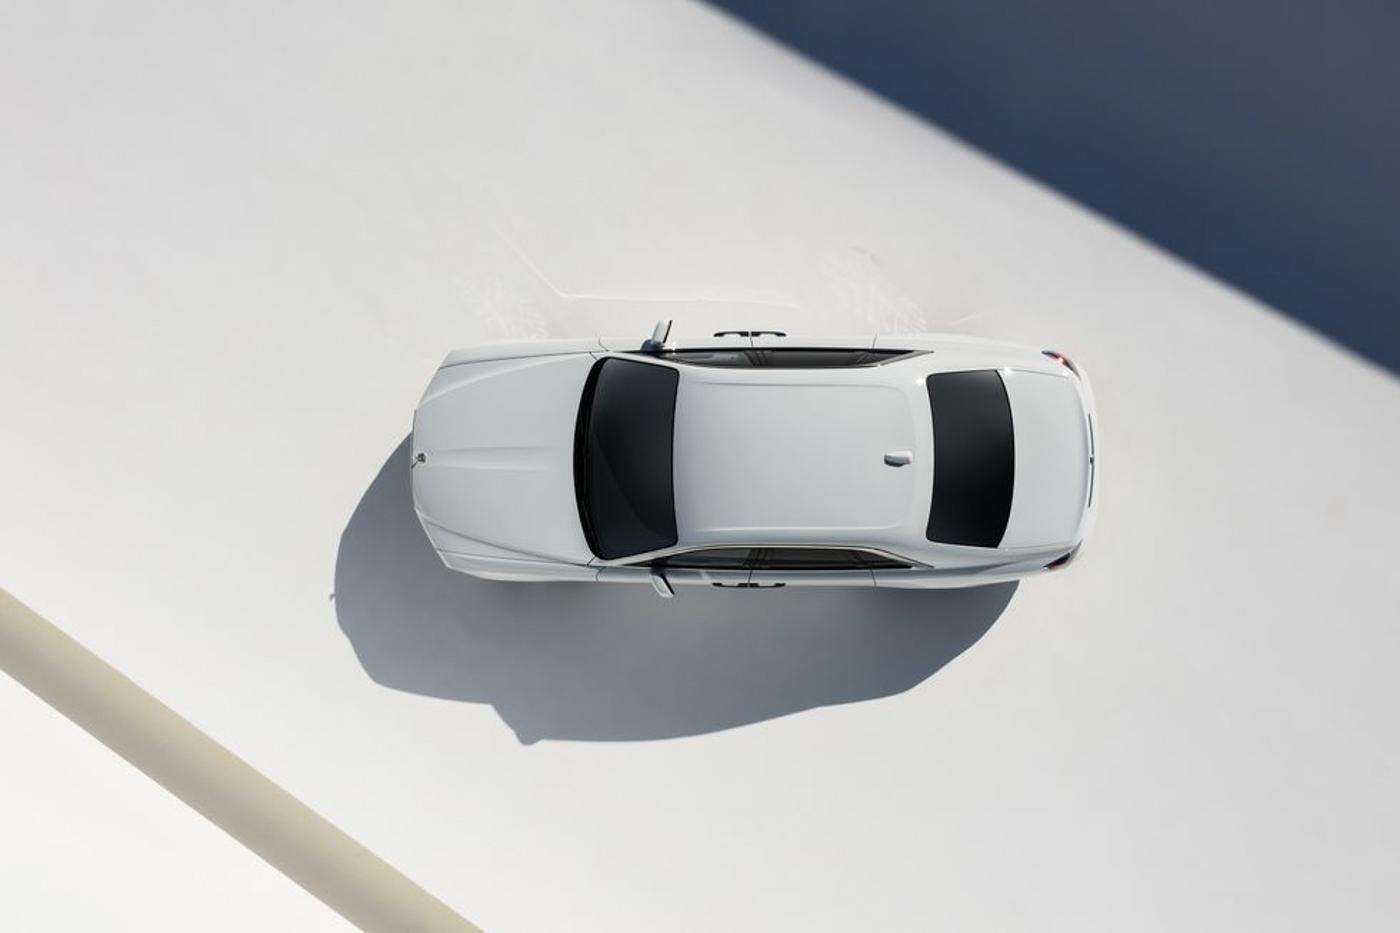 Rolls-Royce-NewGhost-biểu-tượng-xa-hoa-thế-hệ-mới-ra-mắt-khách-hàng-Việt-3.jpg